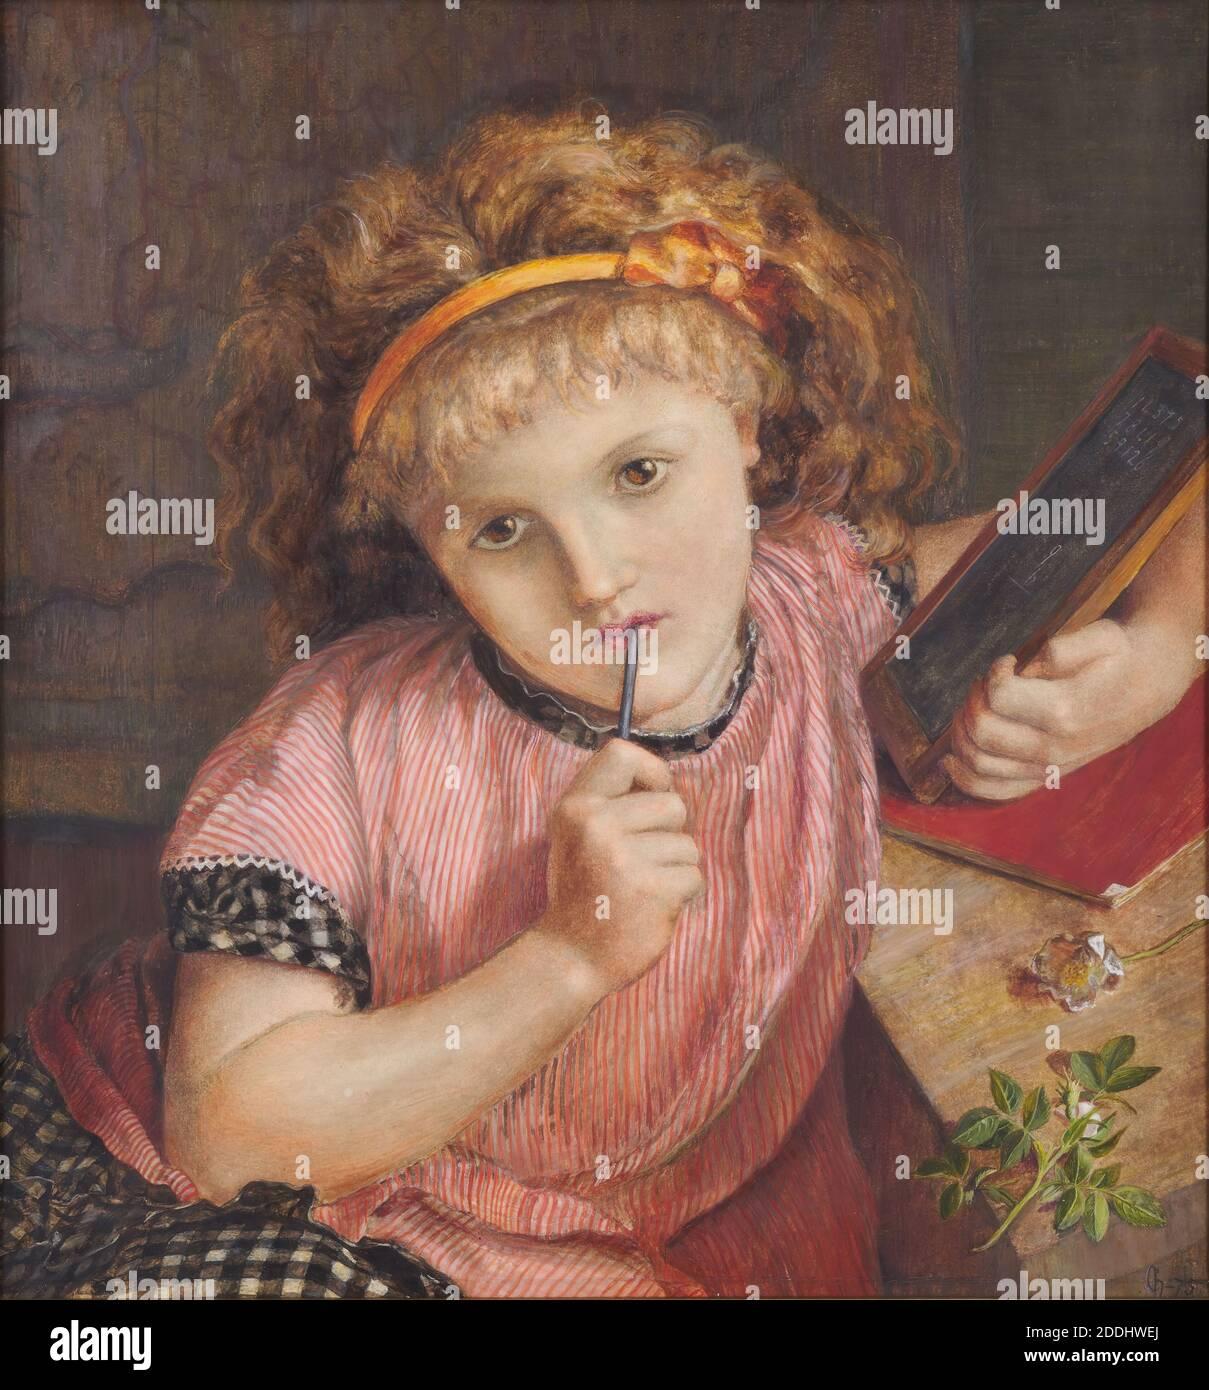 A Deep Problem 1875 Catherine Madox Brown Gest 1927 Catherine Madox Brown Hueffer War Das Erste Kind Von Ford Madox Brown Und Emma Hill Auch Ein Künstler Und Modell Mit Den Pre Raphaelites Verbunden